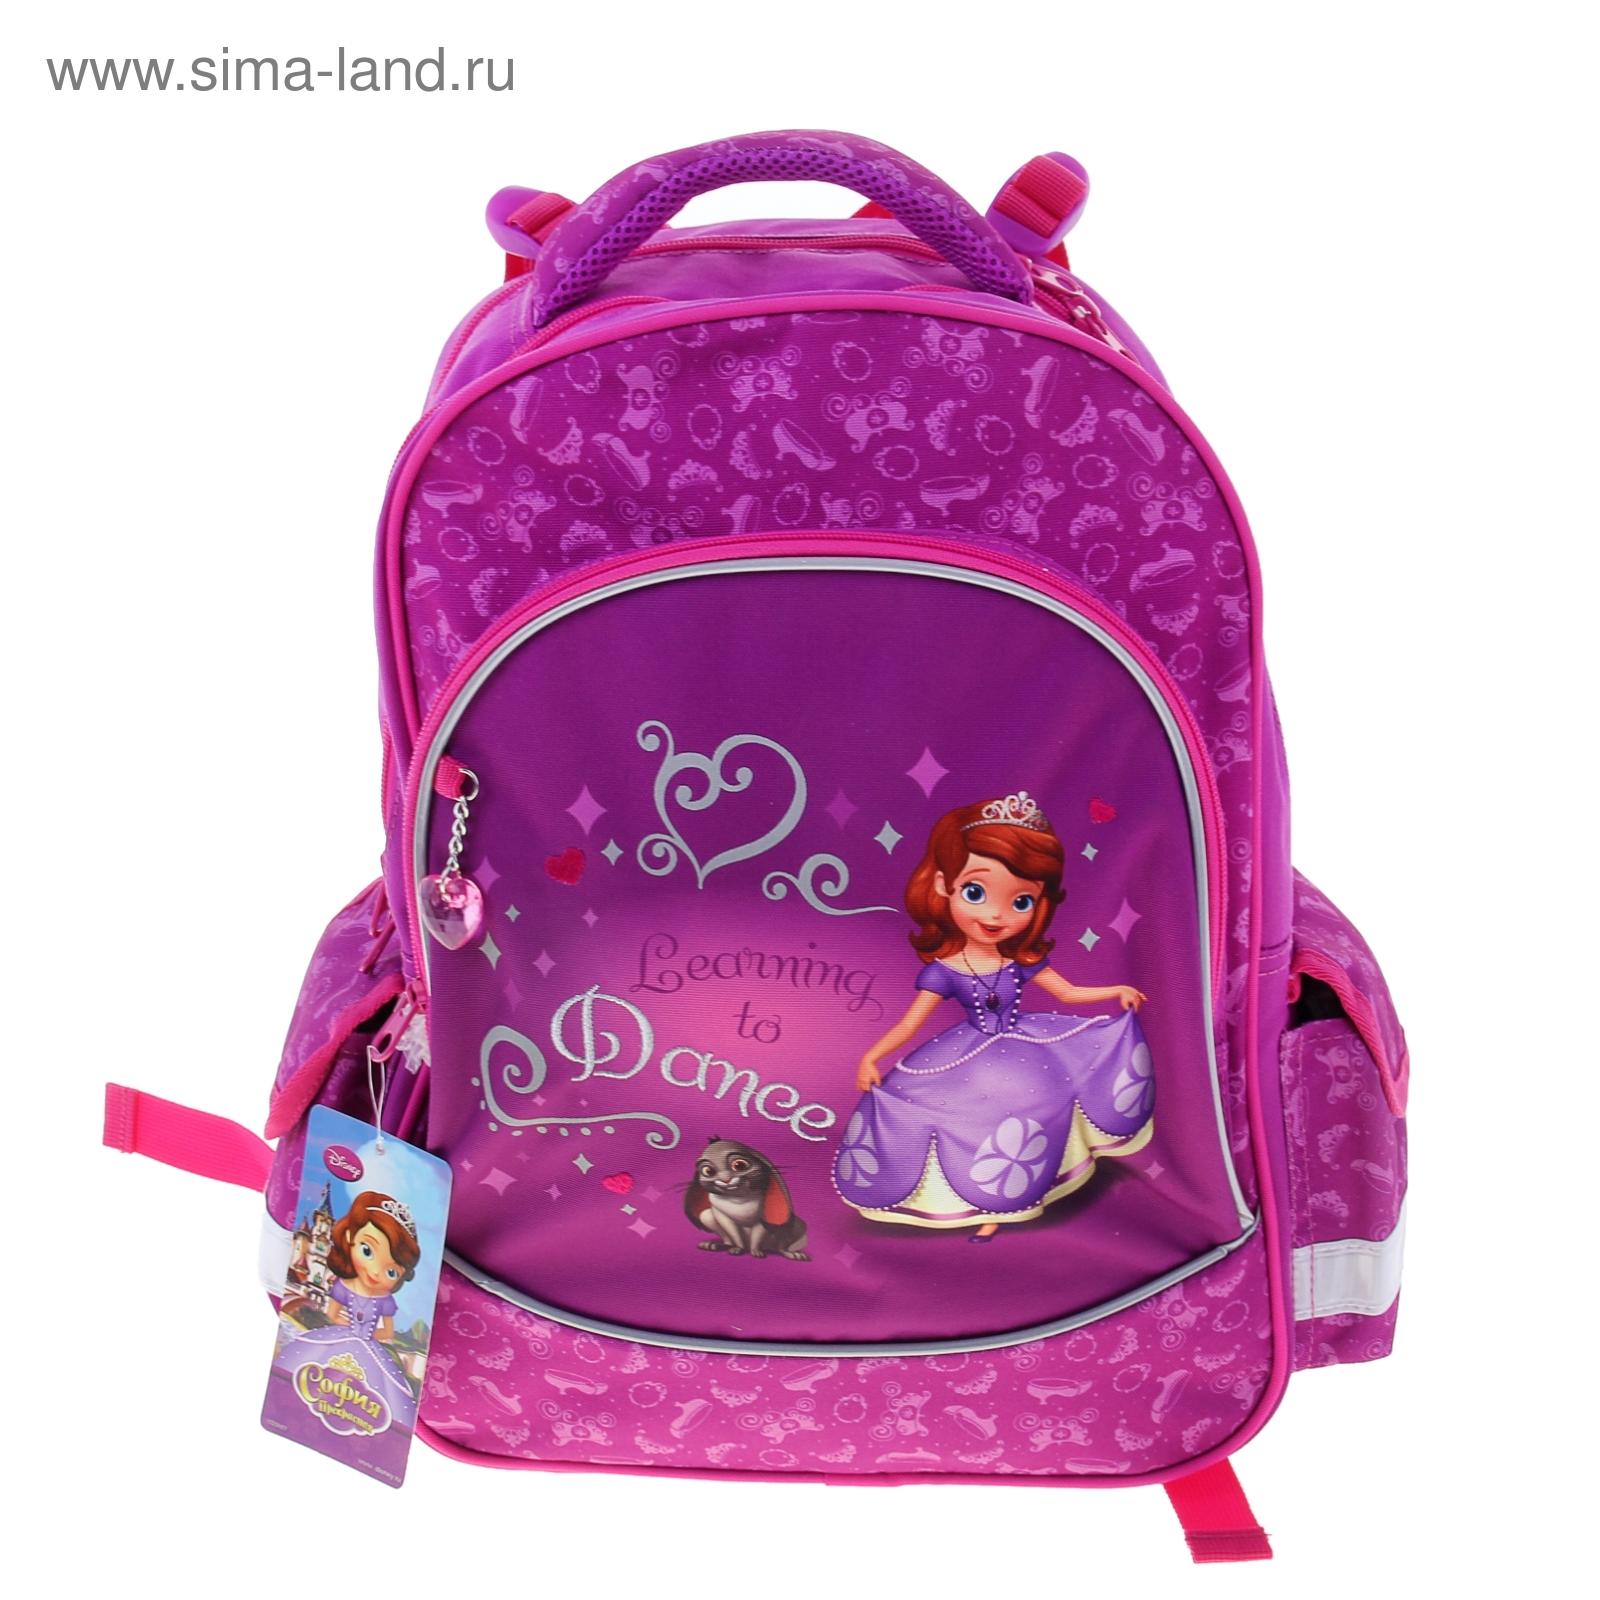 Рюкзак школьный принцесса софия наруто рюкзаки